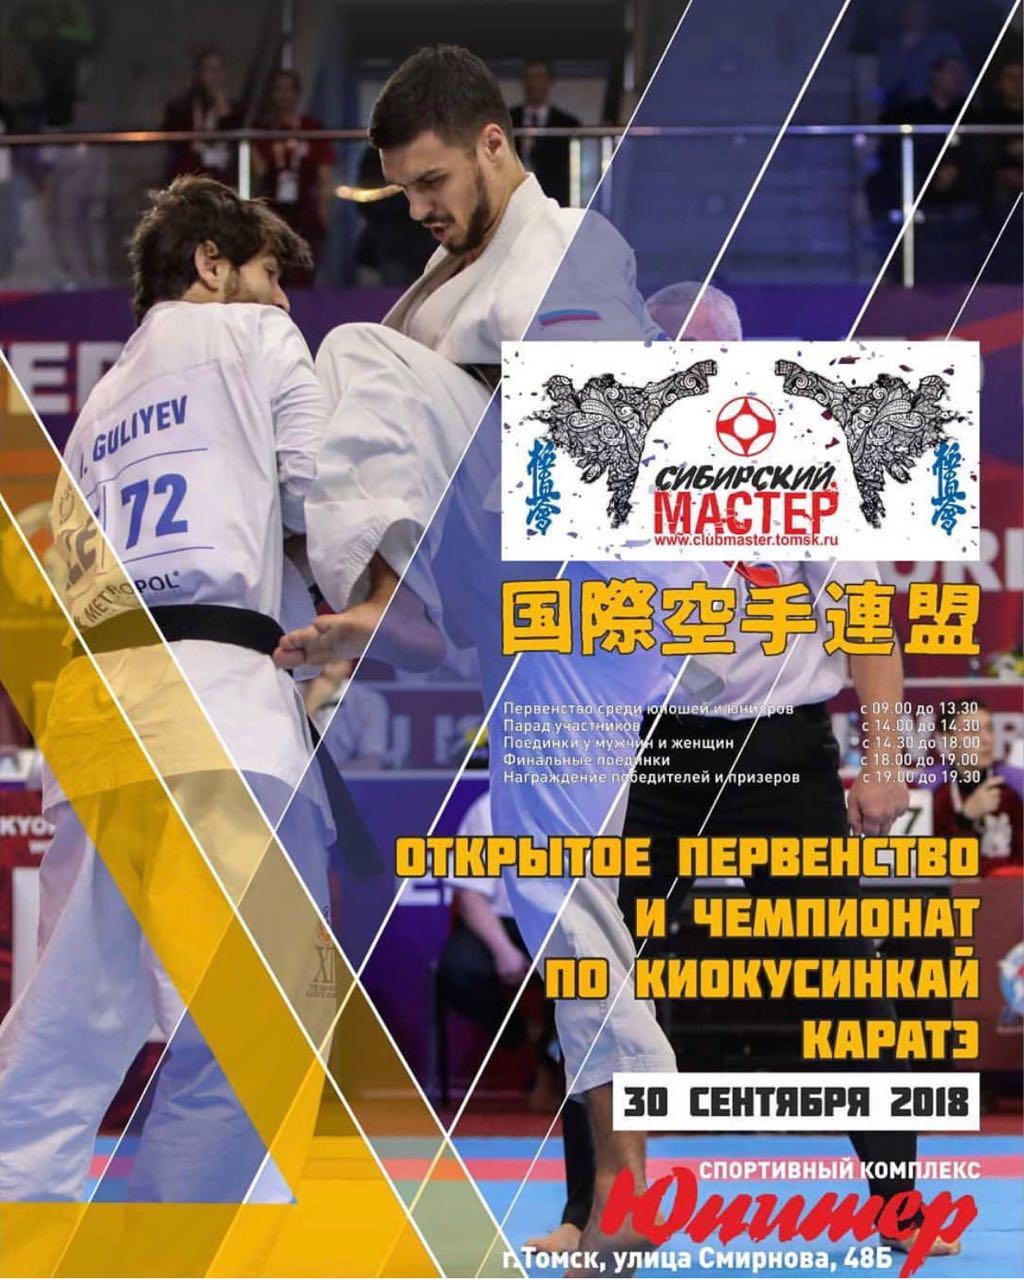 Открытое Первенство и Чемпионат по киокушинкай каратэ «Сибирский мастер»